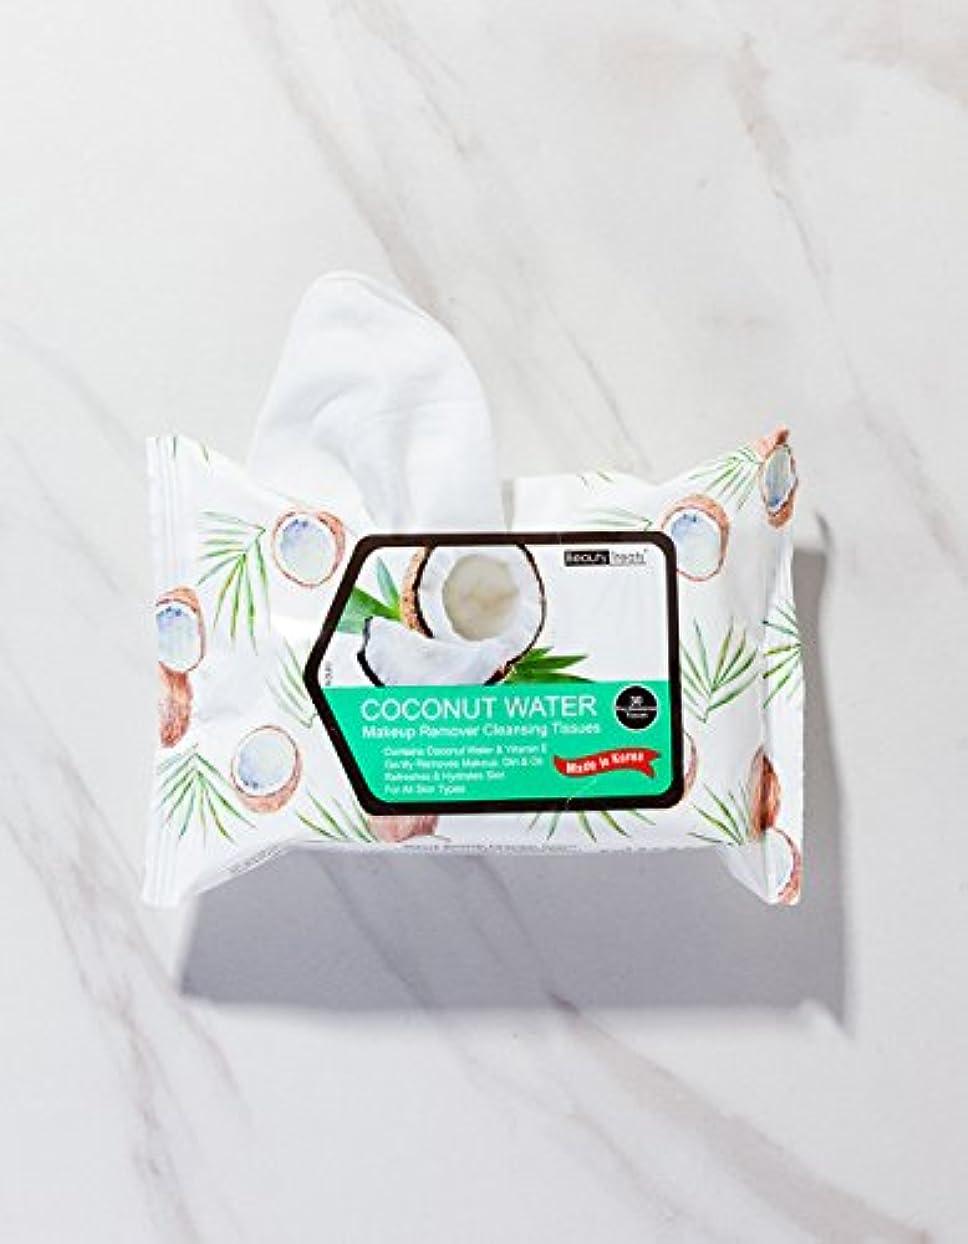 一元化する歯科の反動BEAUTY TREATS Coconut Water Makeup Remover Cleaning Tissues (並行輸入品)